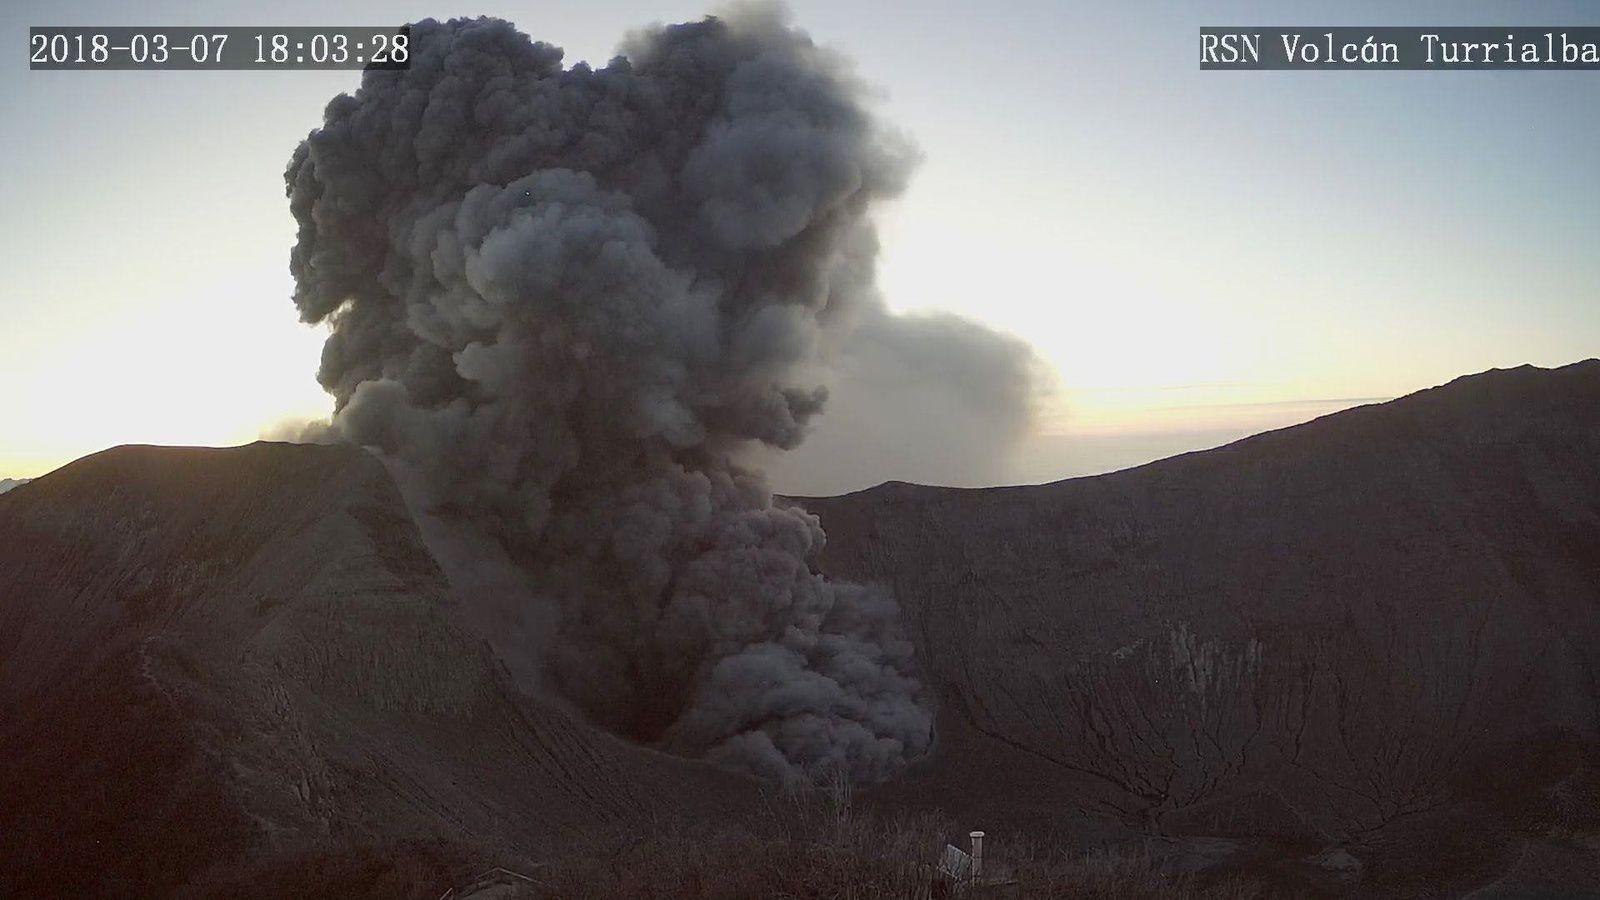 Turrialba - 07.03.2018 / 18h03 - forte émission de cendres - webcam RSN